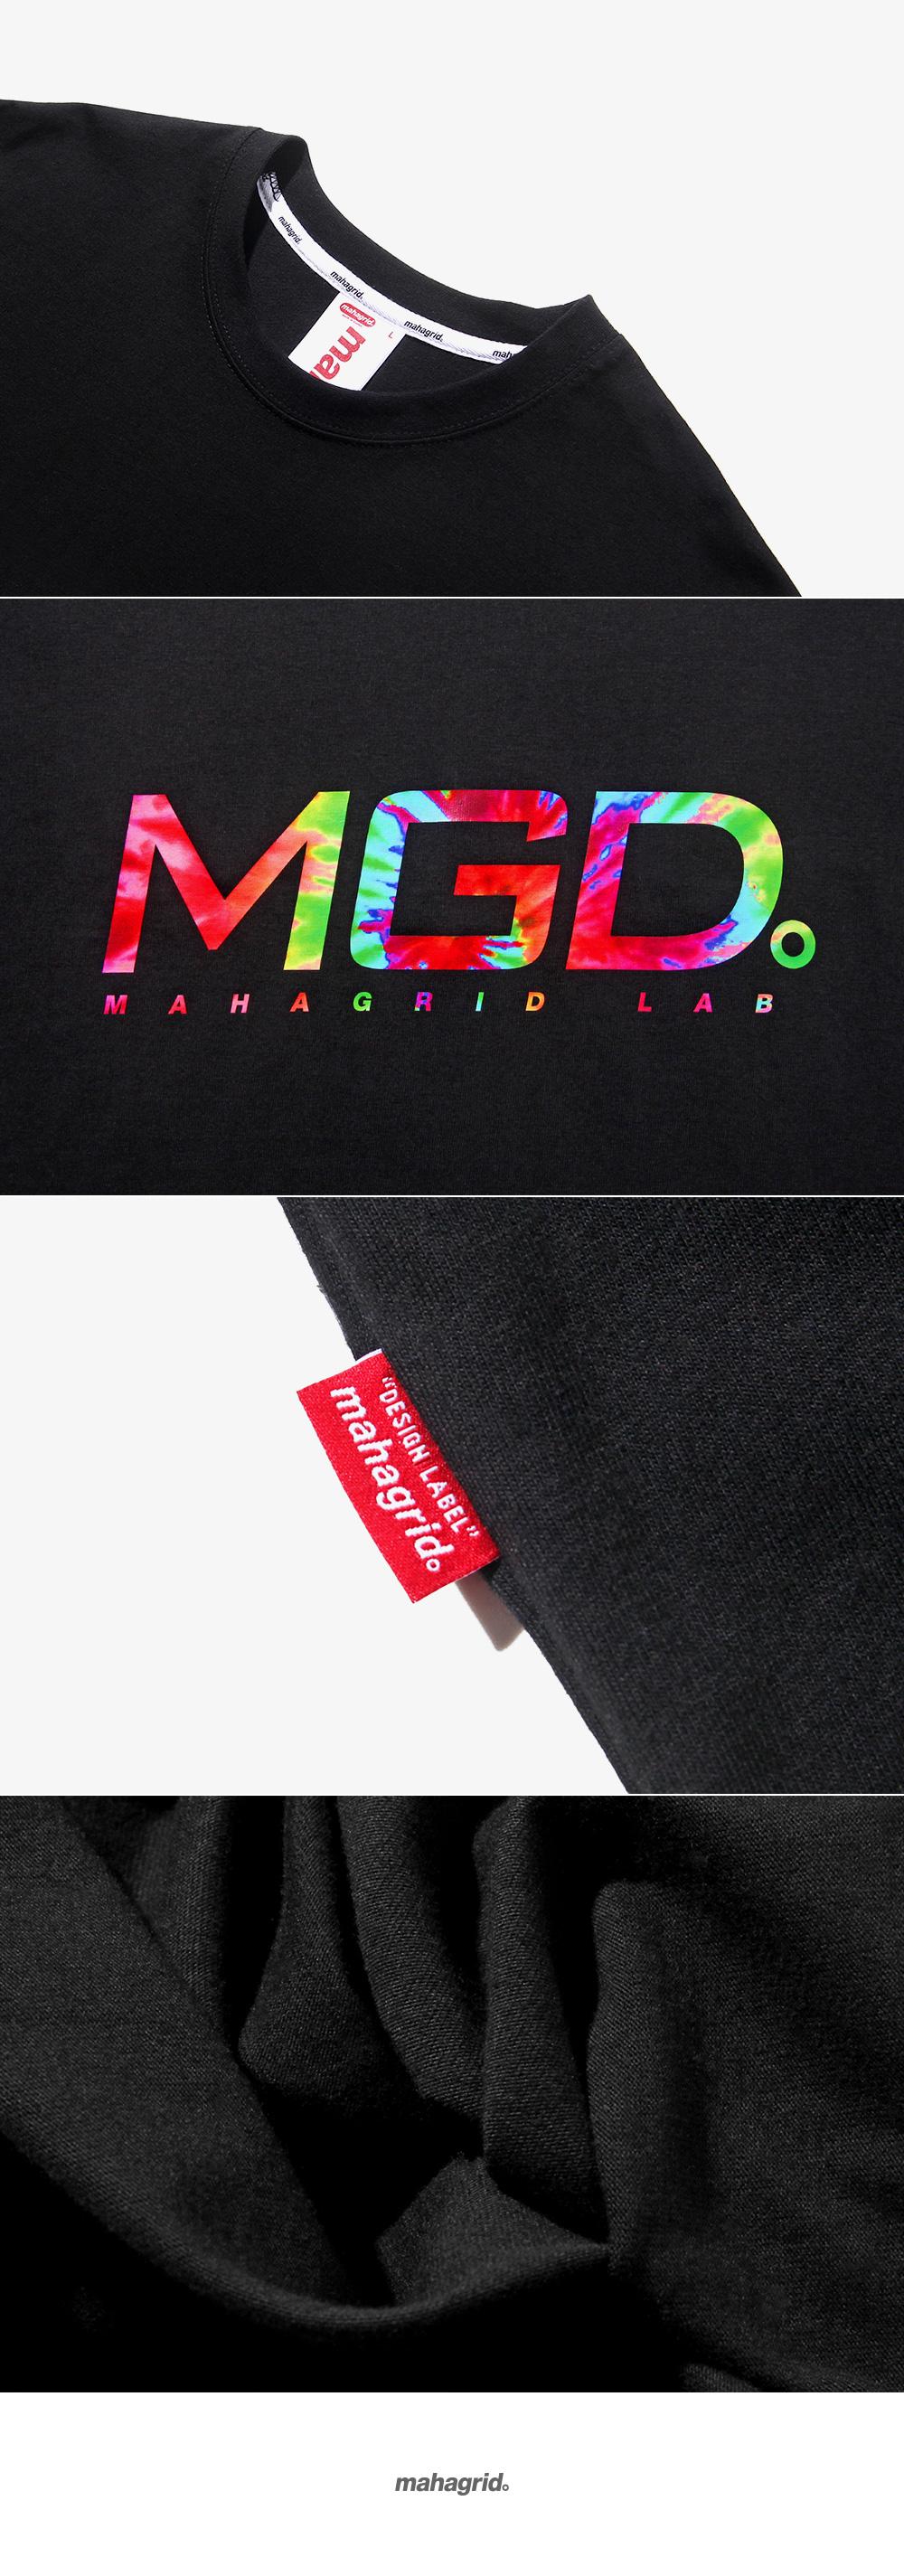 마하그리드(MAHAGRID) TIE DYE TEE BLACK (MG1JMMT509A)